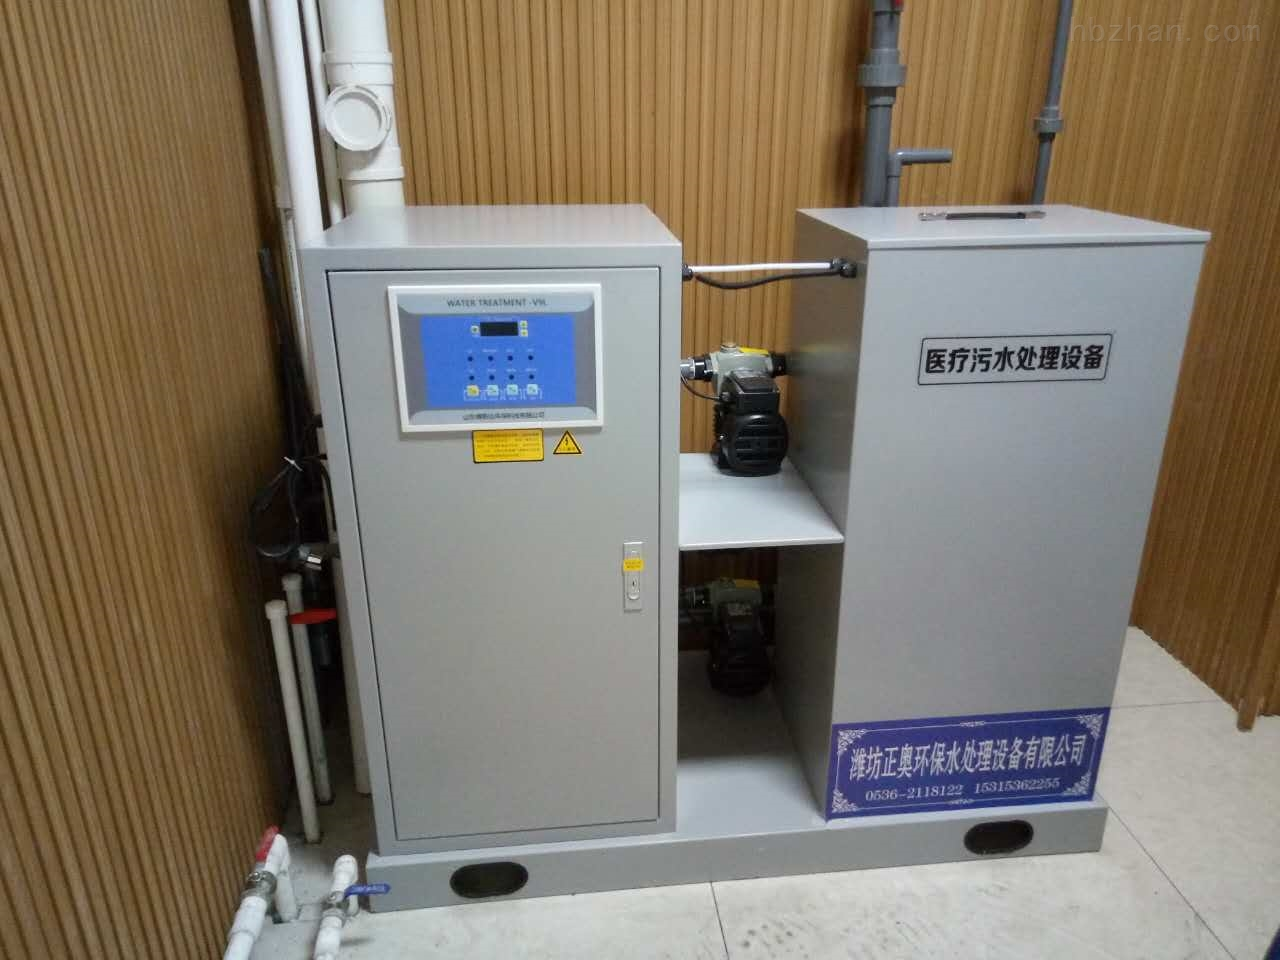 呼和浩特体检中心污水处理设备﹪《包验收>